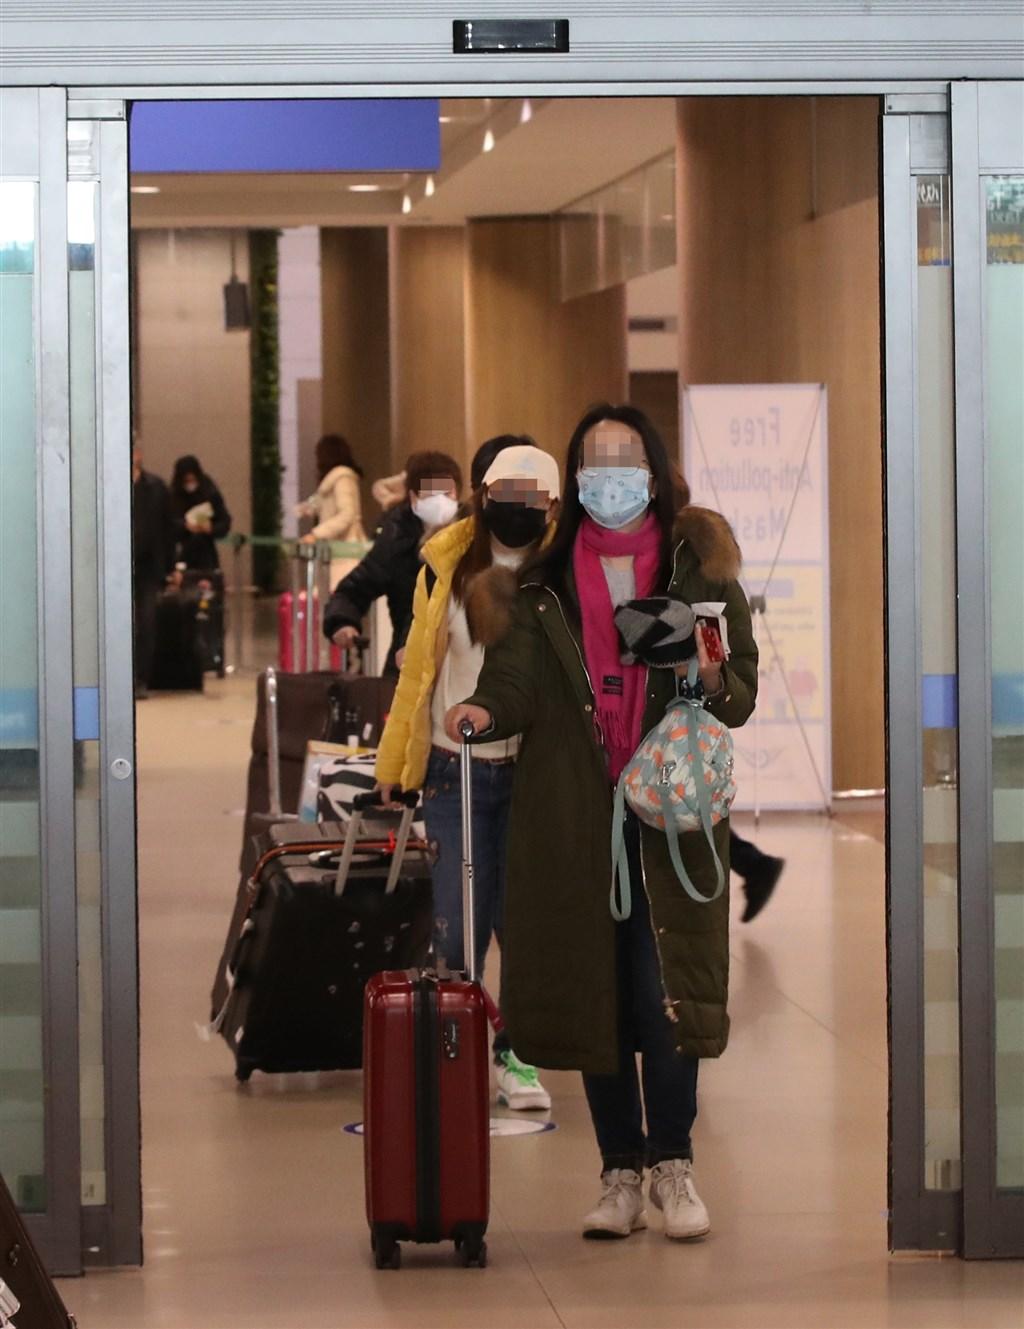 韓國疾病管理本部為加強對2019年冠狀病毒疾病的防疫工作,12日起來自中國、香港、澳門的旅客入境時需經體溫檢測,若有發燒需接受檢疫。此措施未針對台灣旅客。(韓聯社提供)